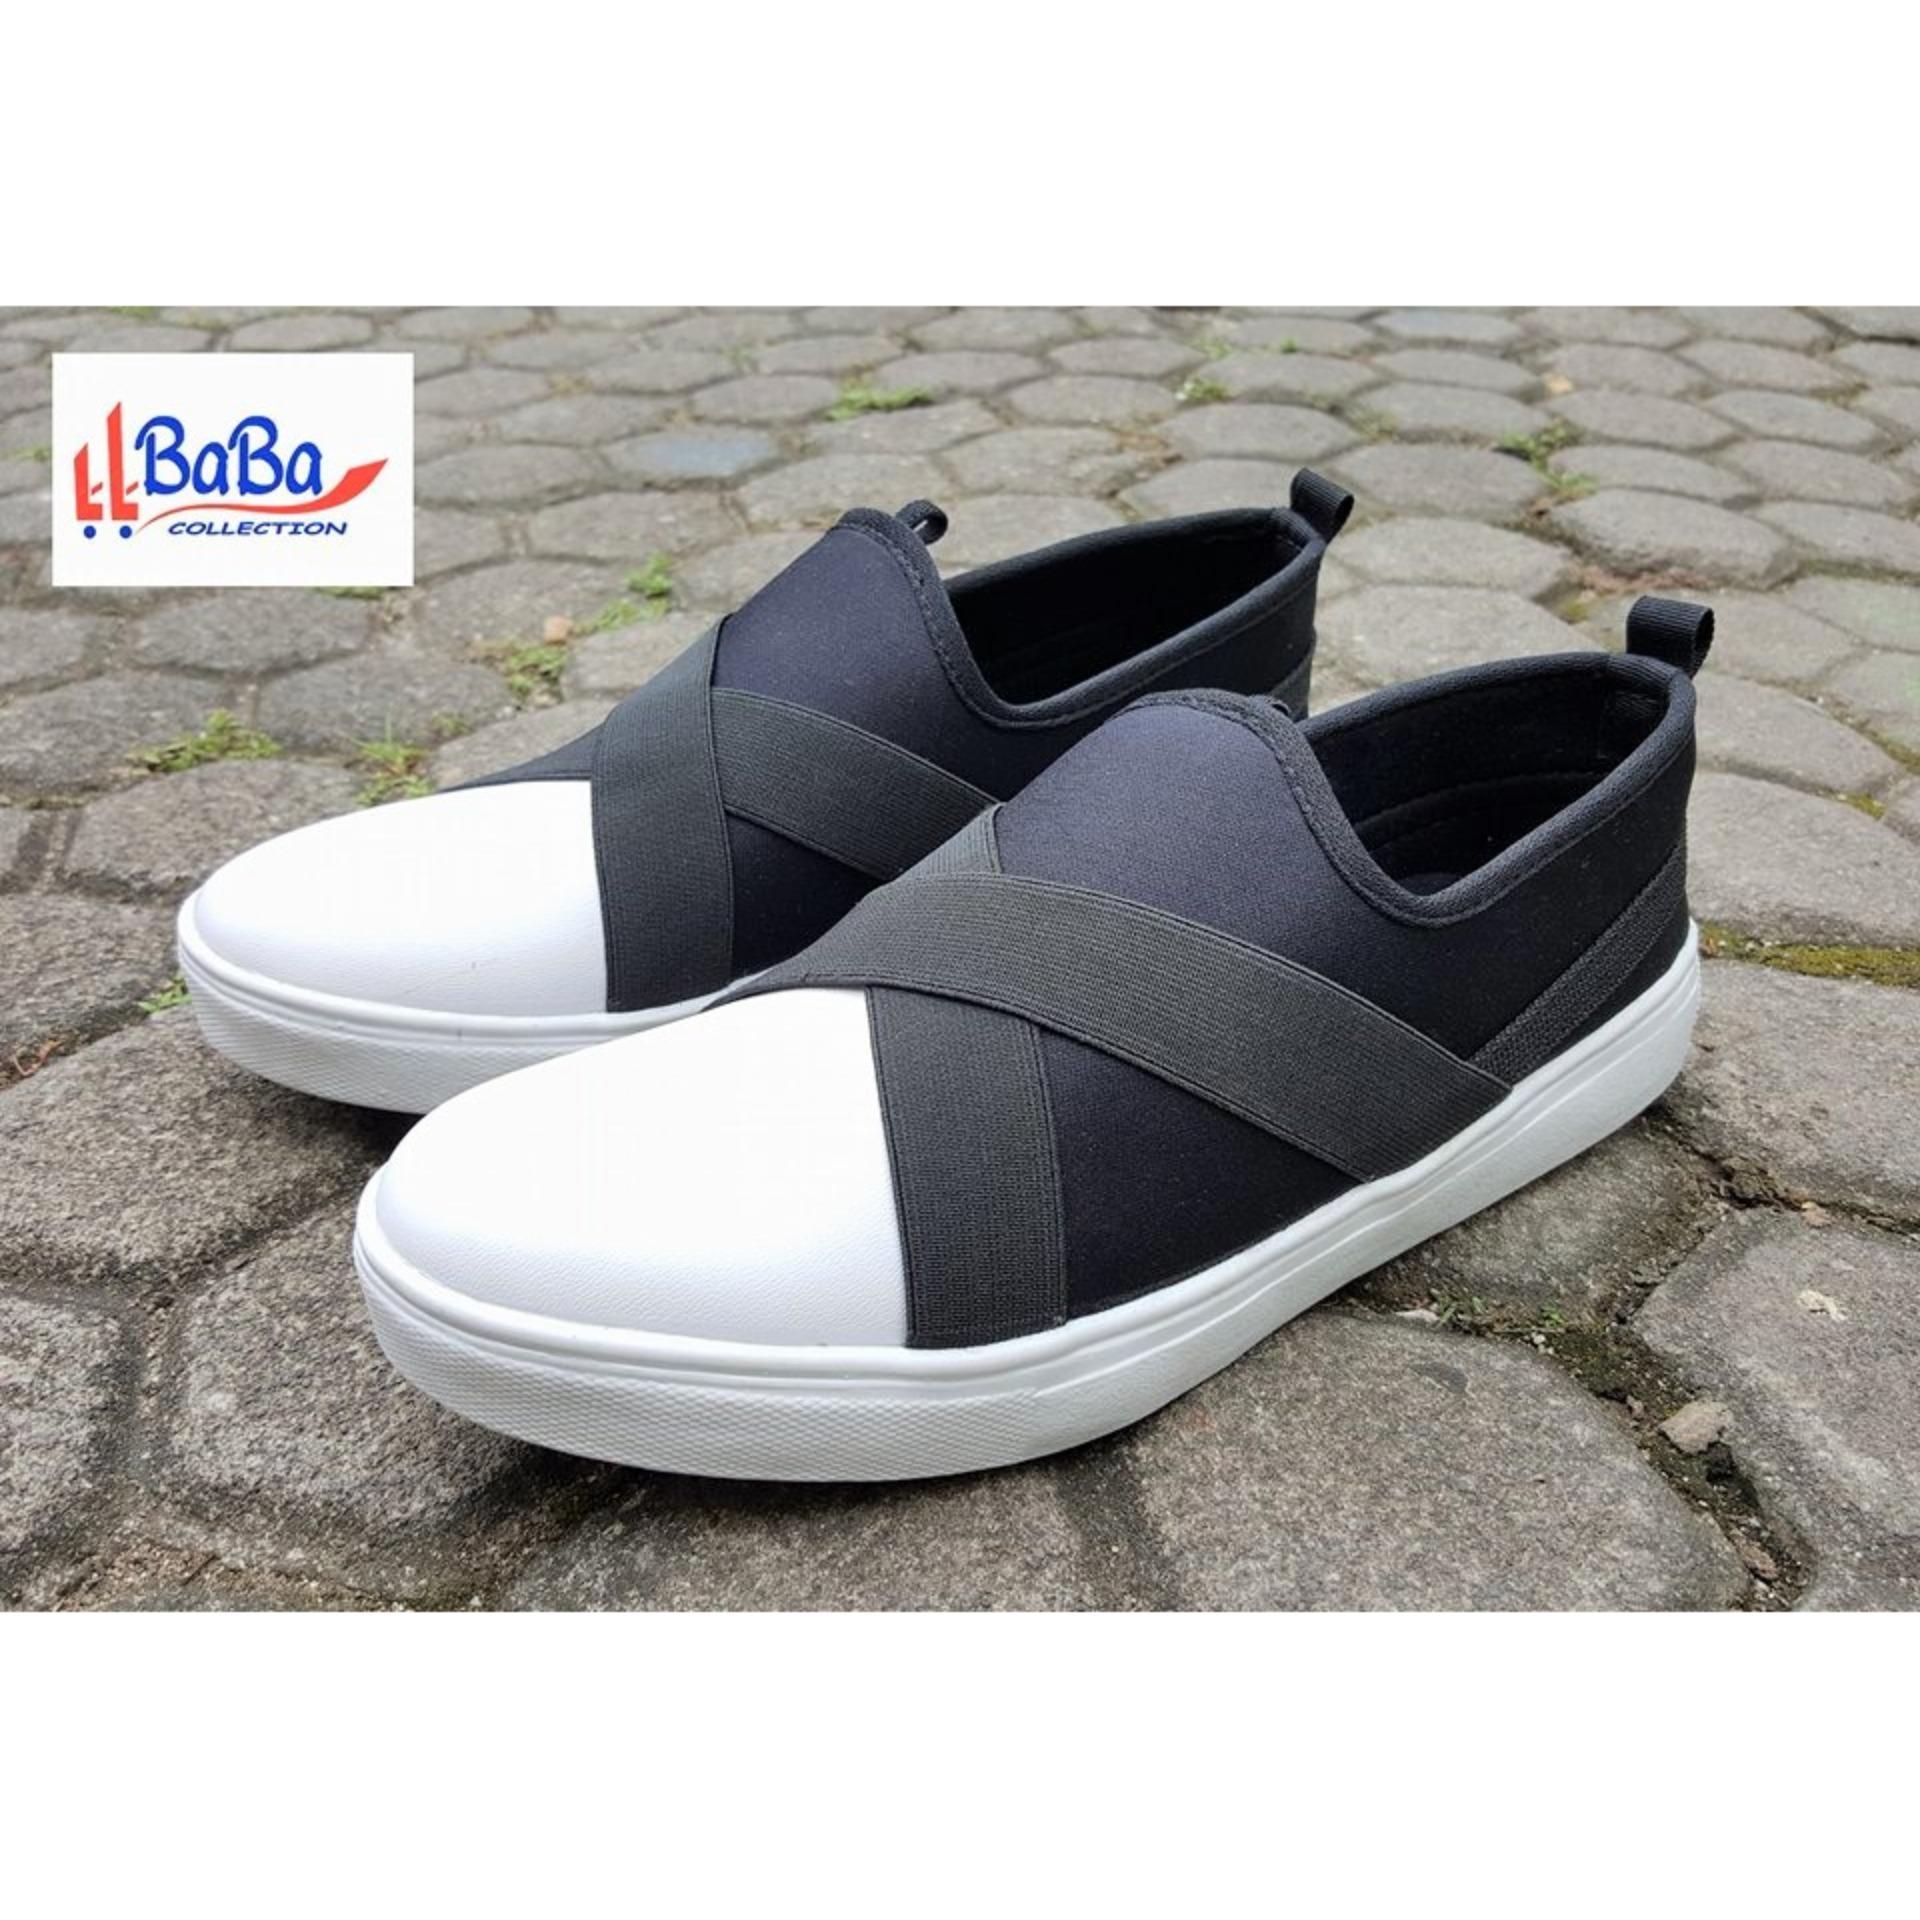 Beli Sepatu Sneakers Wanita Kets Casual Trendy Baba Collection Dengan Harga Terjangkau